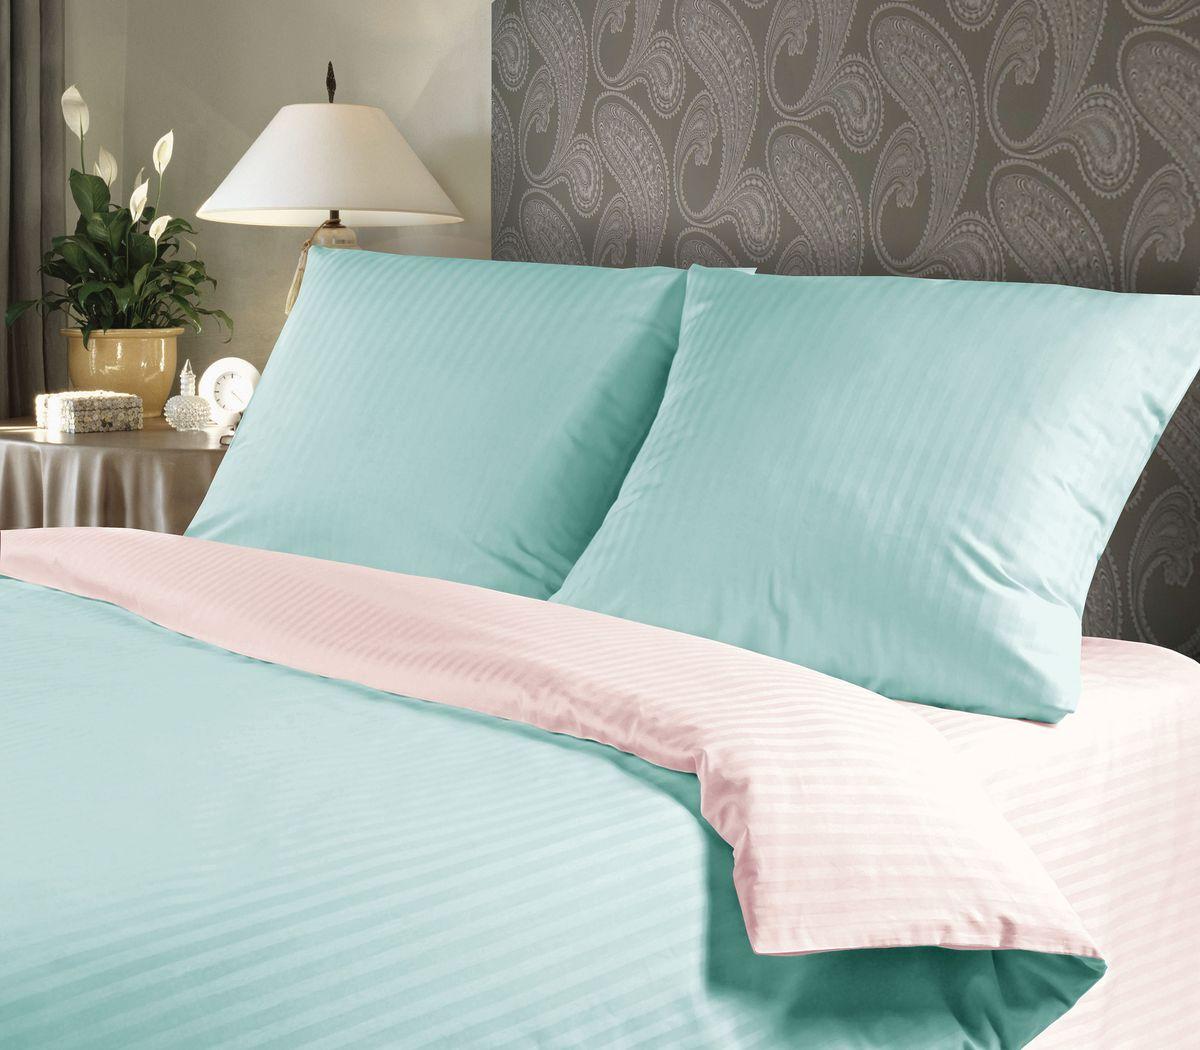 Комплект белья Verossa Sunset, 1,5-спальный, наволочки 50х70Суховей — М 8Комплект постельного белья включает в себя четыре предмета: простыню, пододеяльник и две наволочки, выполненные из страйп-сатина.Страйп-сатин - одна из разновидностей жаккардового сатина. Это ткань, плетение которой представляет собой чередующиеся полосы, отсюда и название материала: в переводе с английского stripe и есть полоска. Размер пододеяльника: 148 x 215 см.Размер простыни: 180 x 215 см.Размер наволочек: 50 x 70 см.